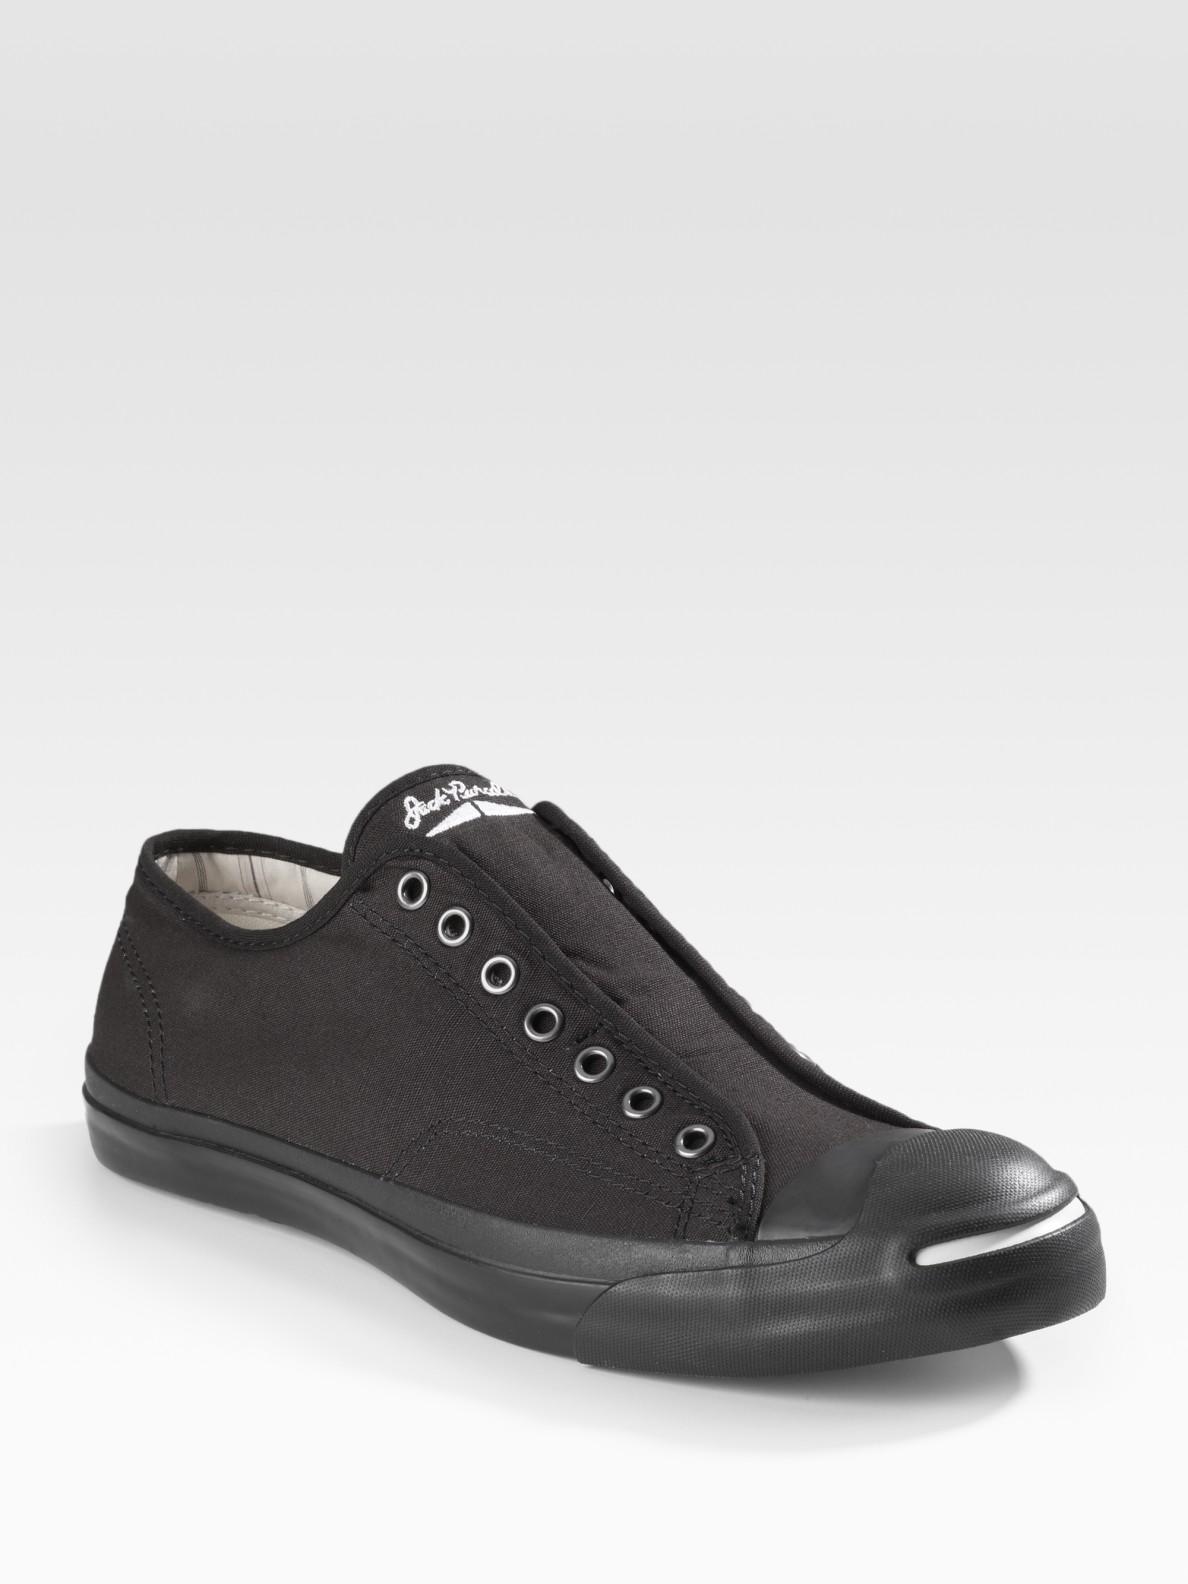 John Varvatos Shoes Converse